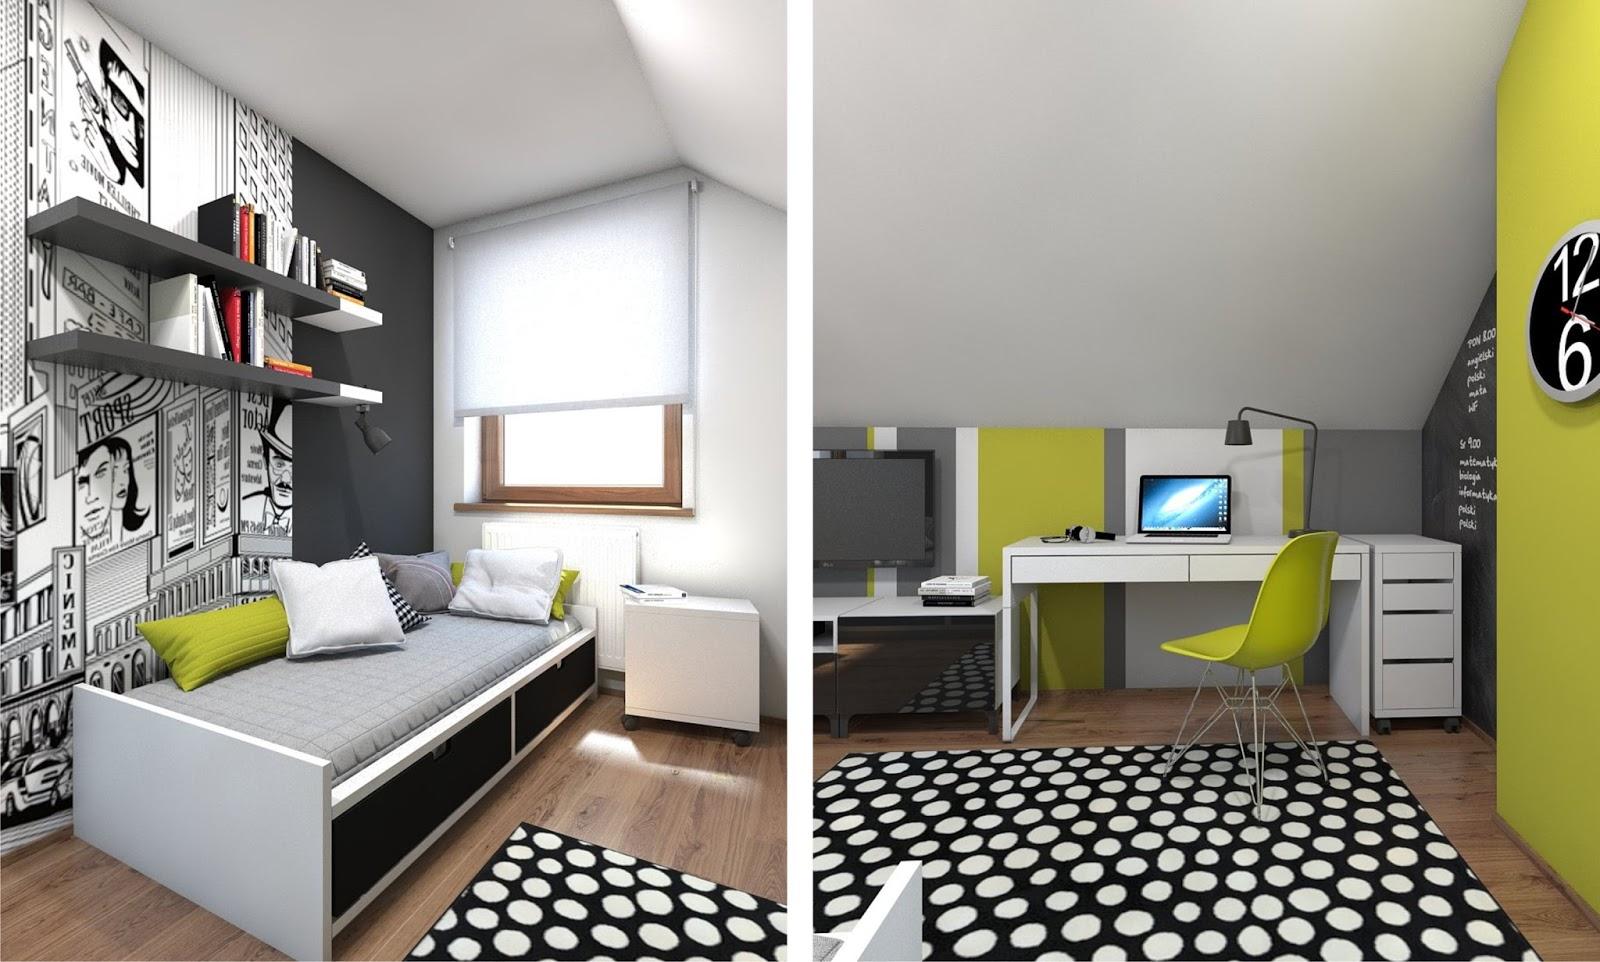 Aja handmade pok j dla nastolatka for Habitaciones para ninas adolescentes modernas